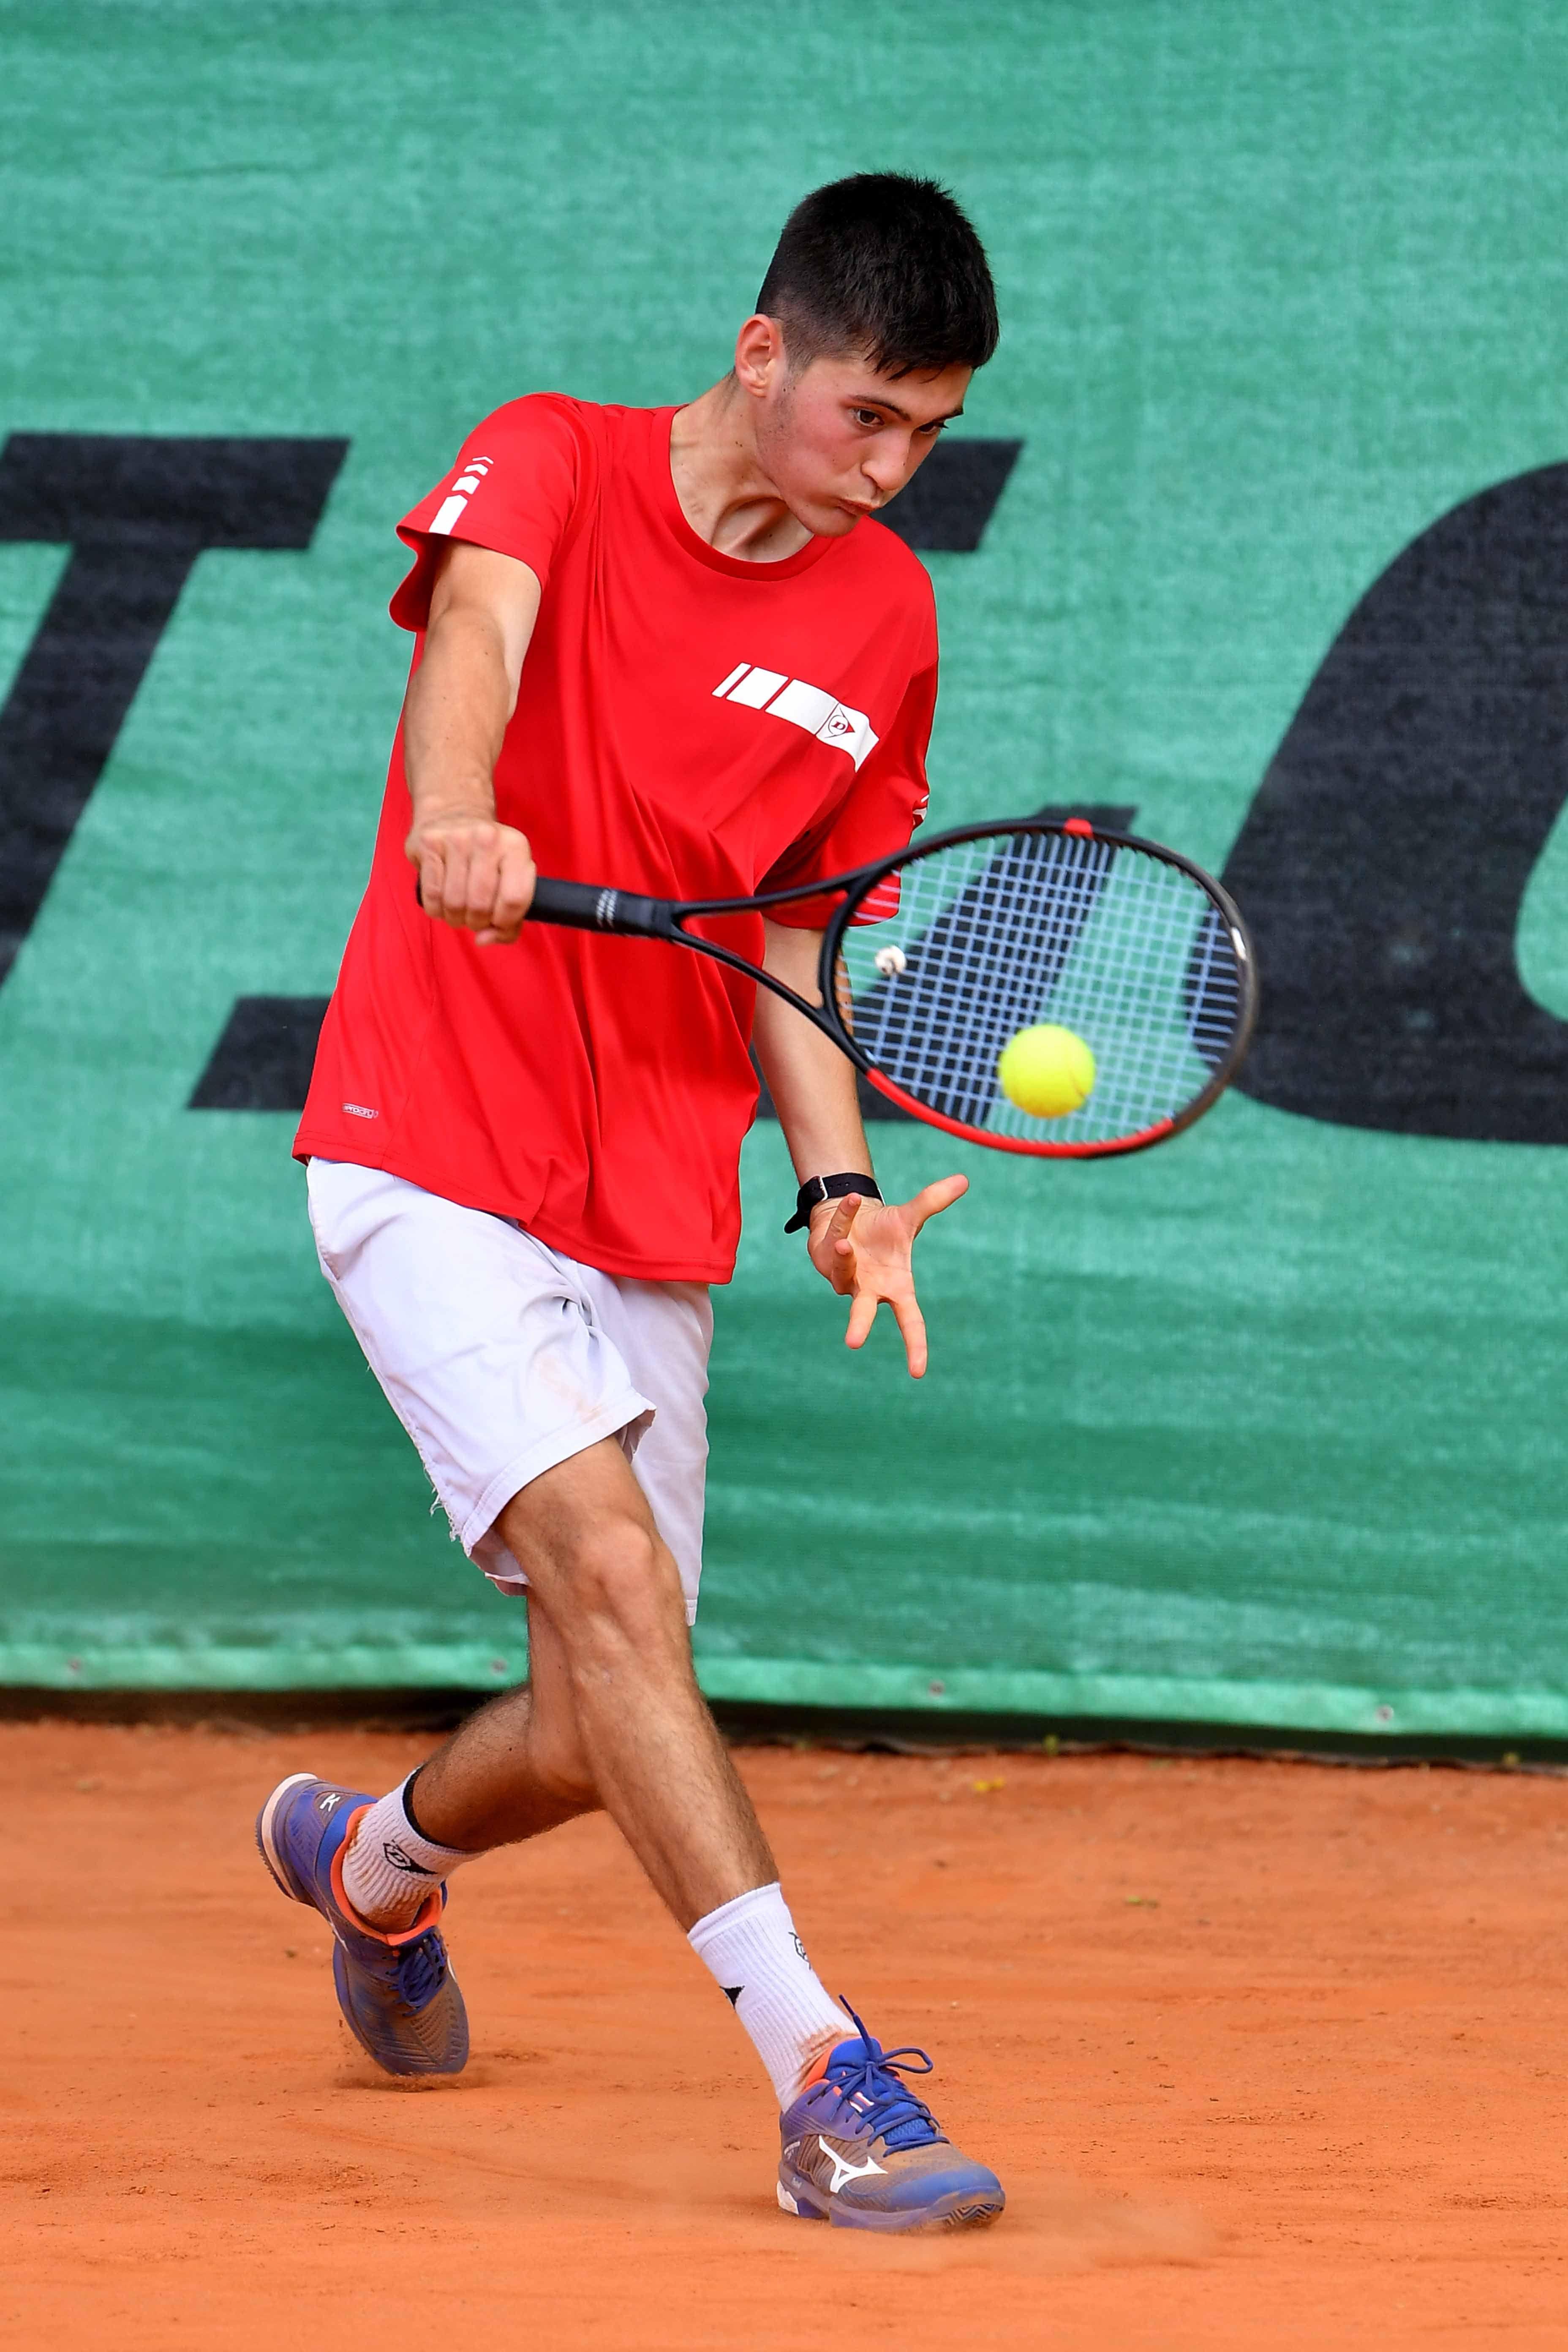 Andrea Sandrone nella foto - Foto Francesco Panunzio